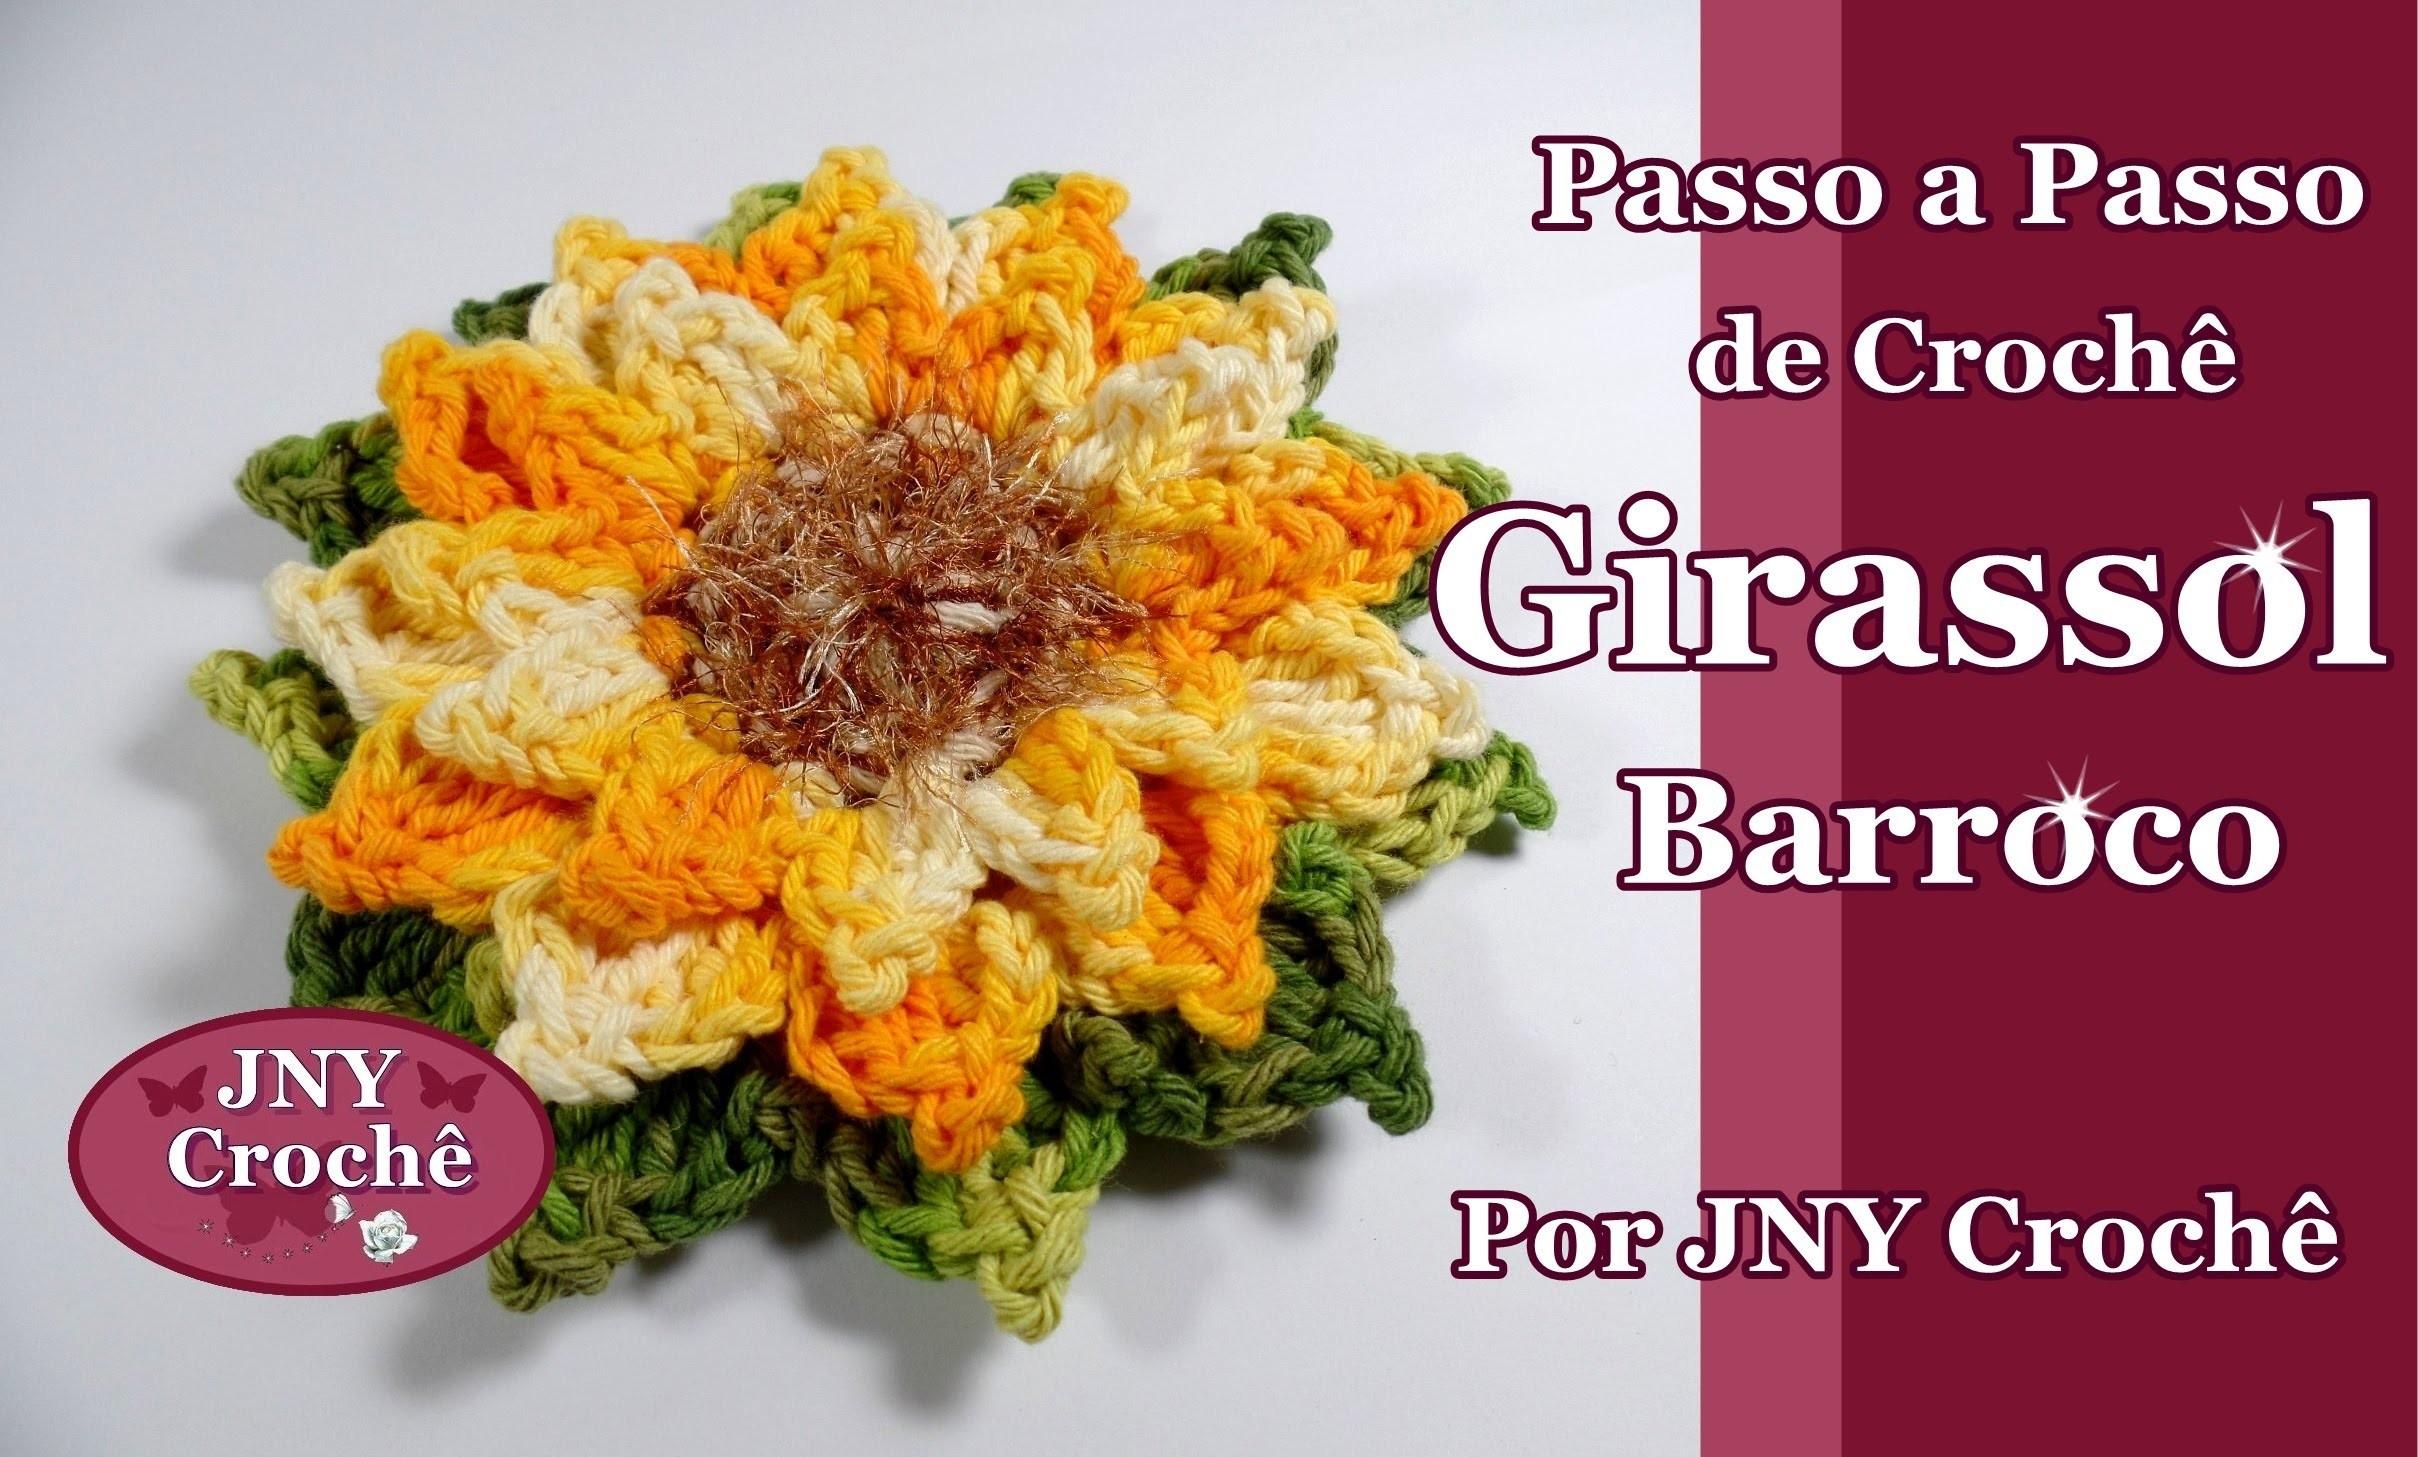 Passo a Passo Flor de Crochê Girassol Barroco por JNY Crochê